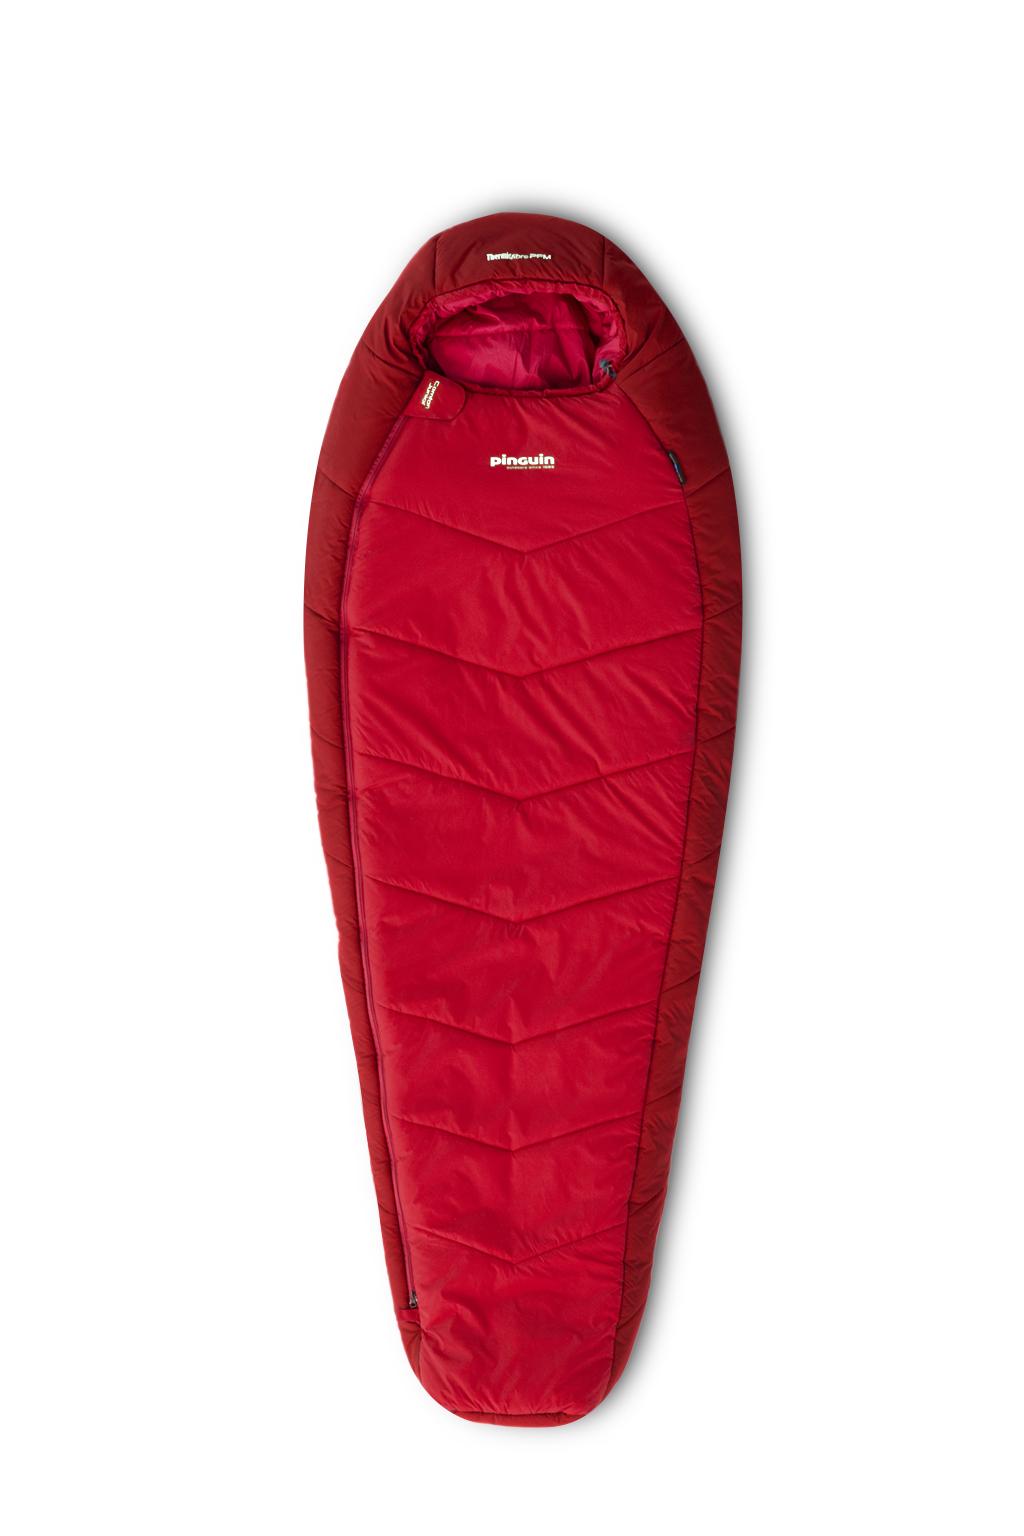 Mumiový spacák Comfort Lady červený